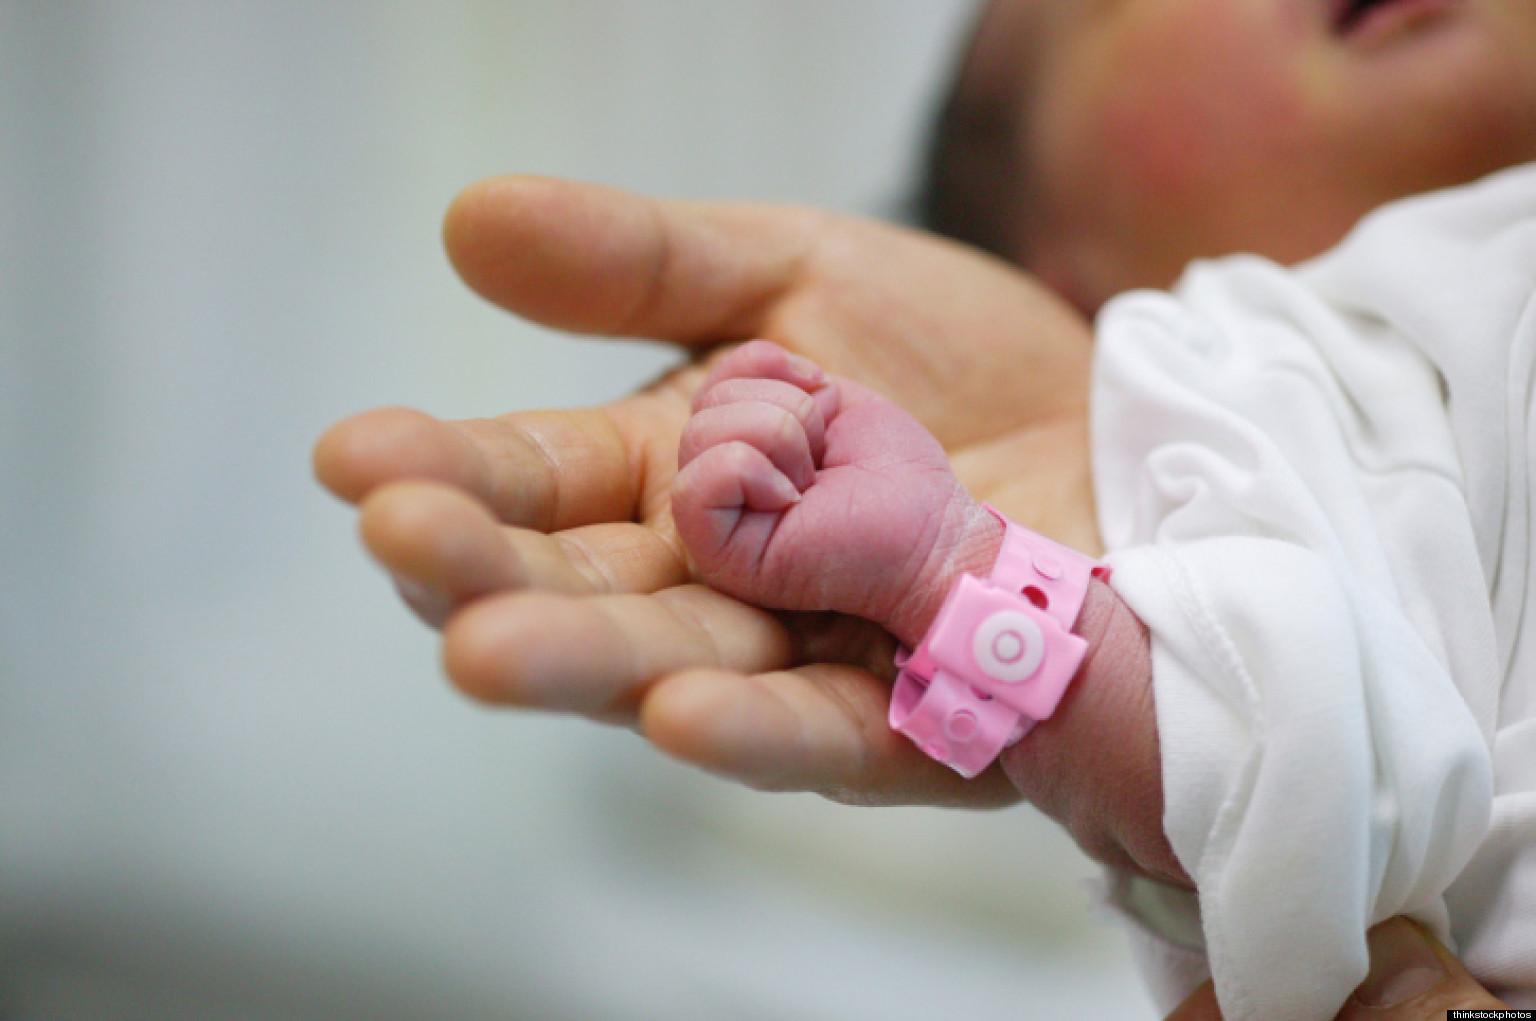 Акушеры безжалостно покалечили ребенка: теперь она навсегда обречена жить возле аппарата